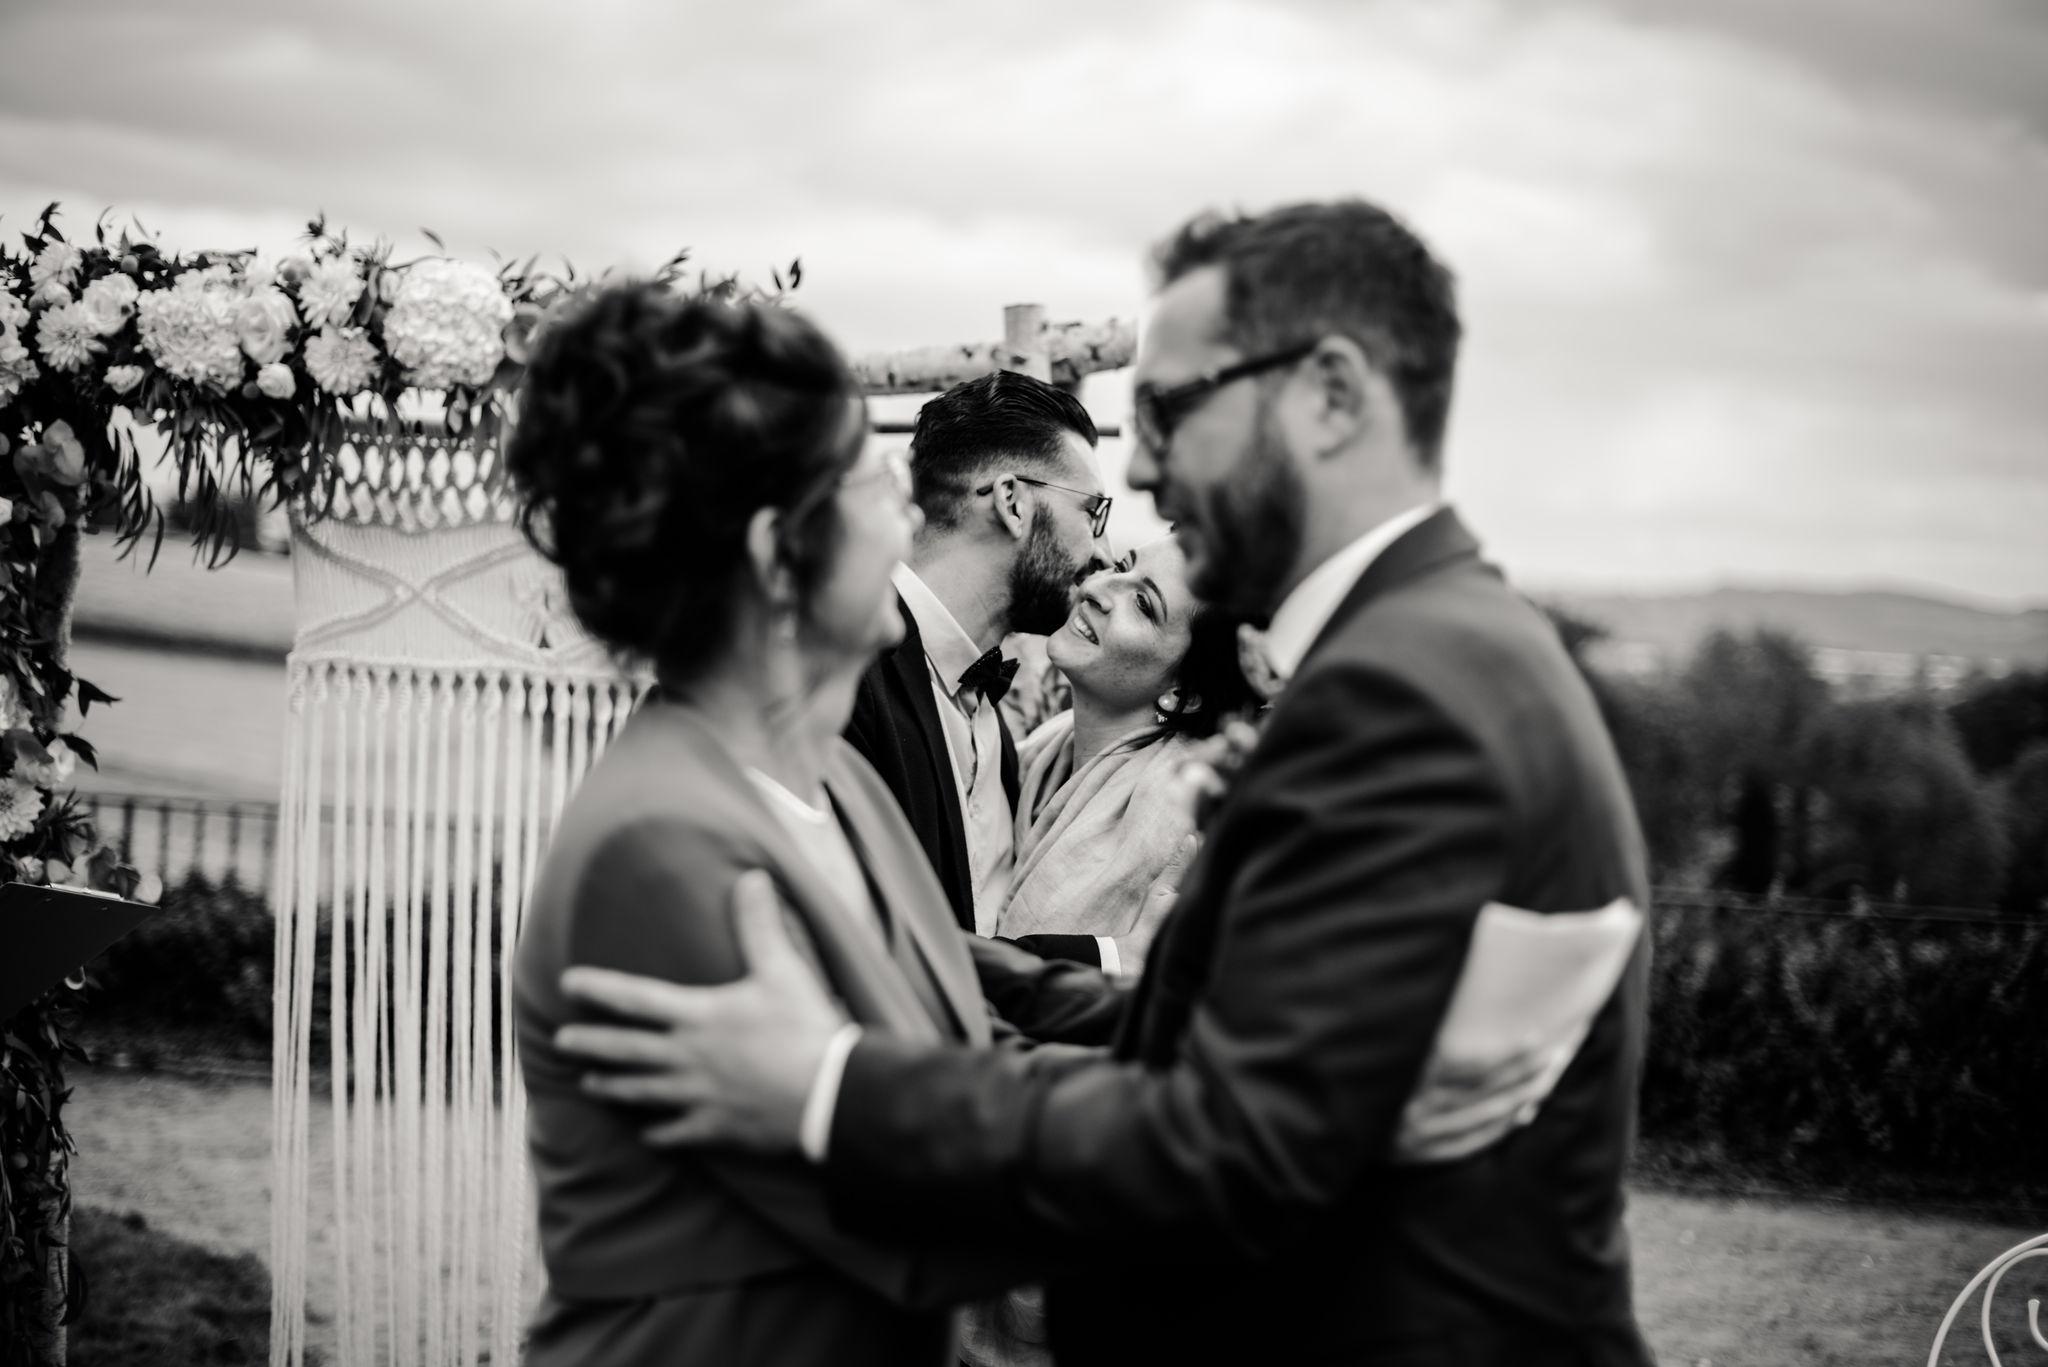 Léa-Fery-photographe-professionnel-lyon-rhone-alpes-portrait-creation-mariage-evenement-evenementiel-famille-7295.jpg